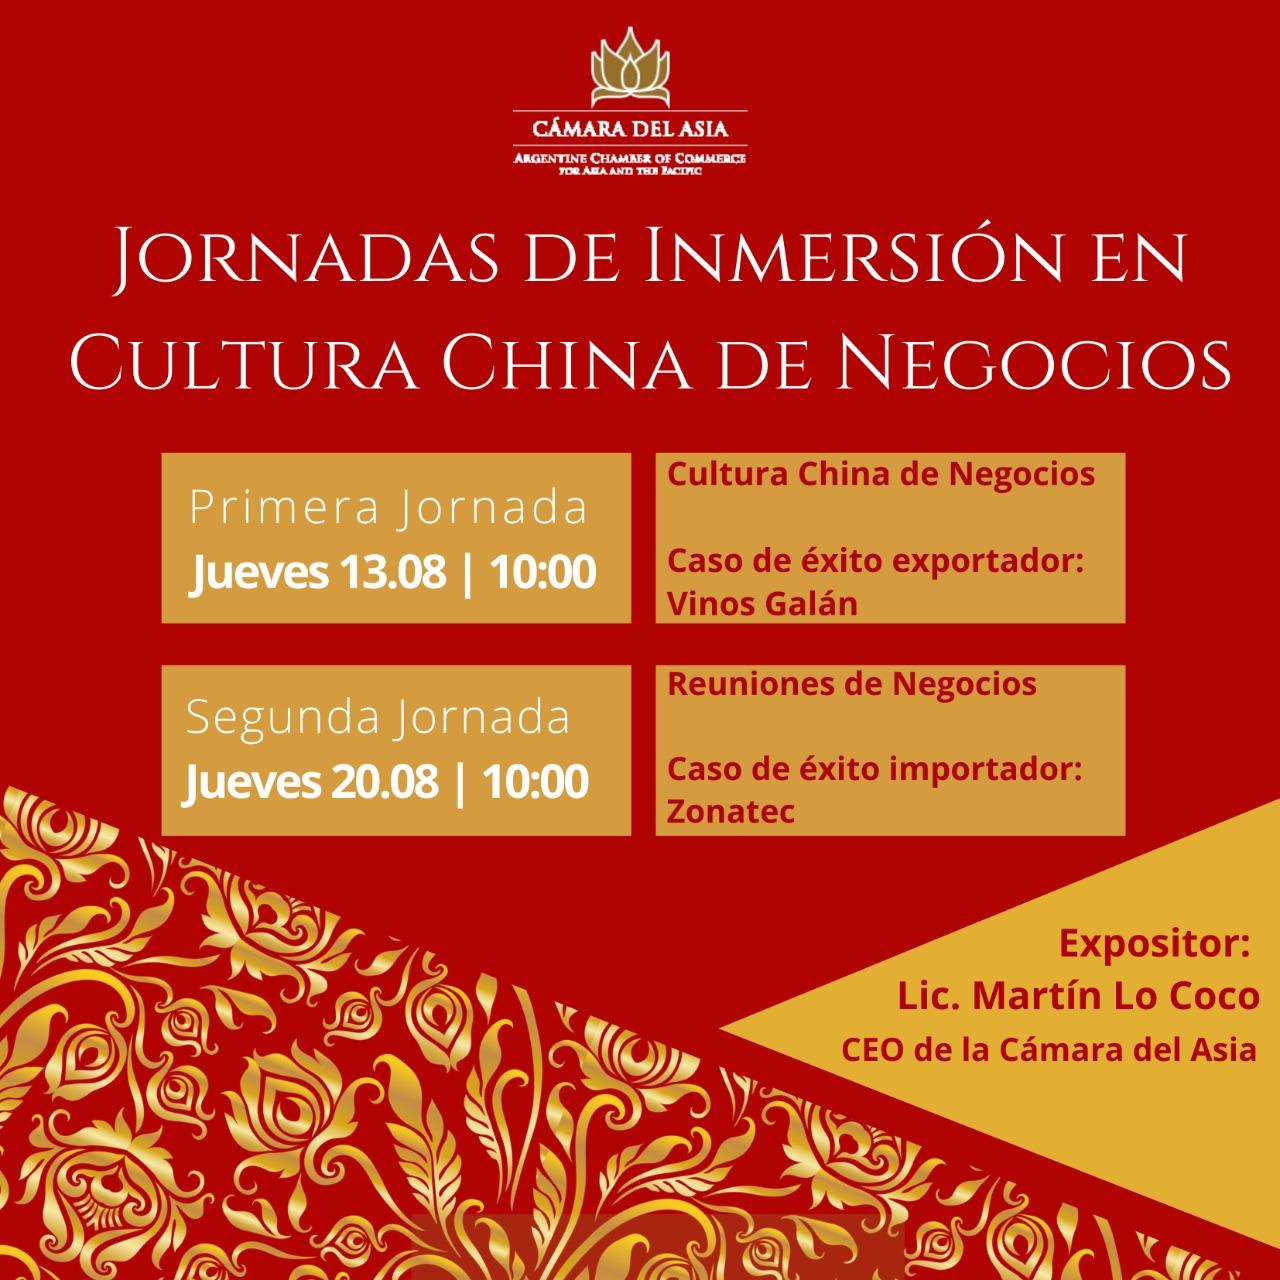 Inmersión en Cultura China de Negocios